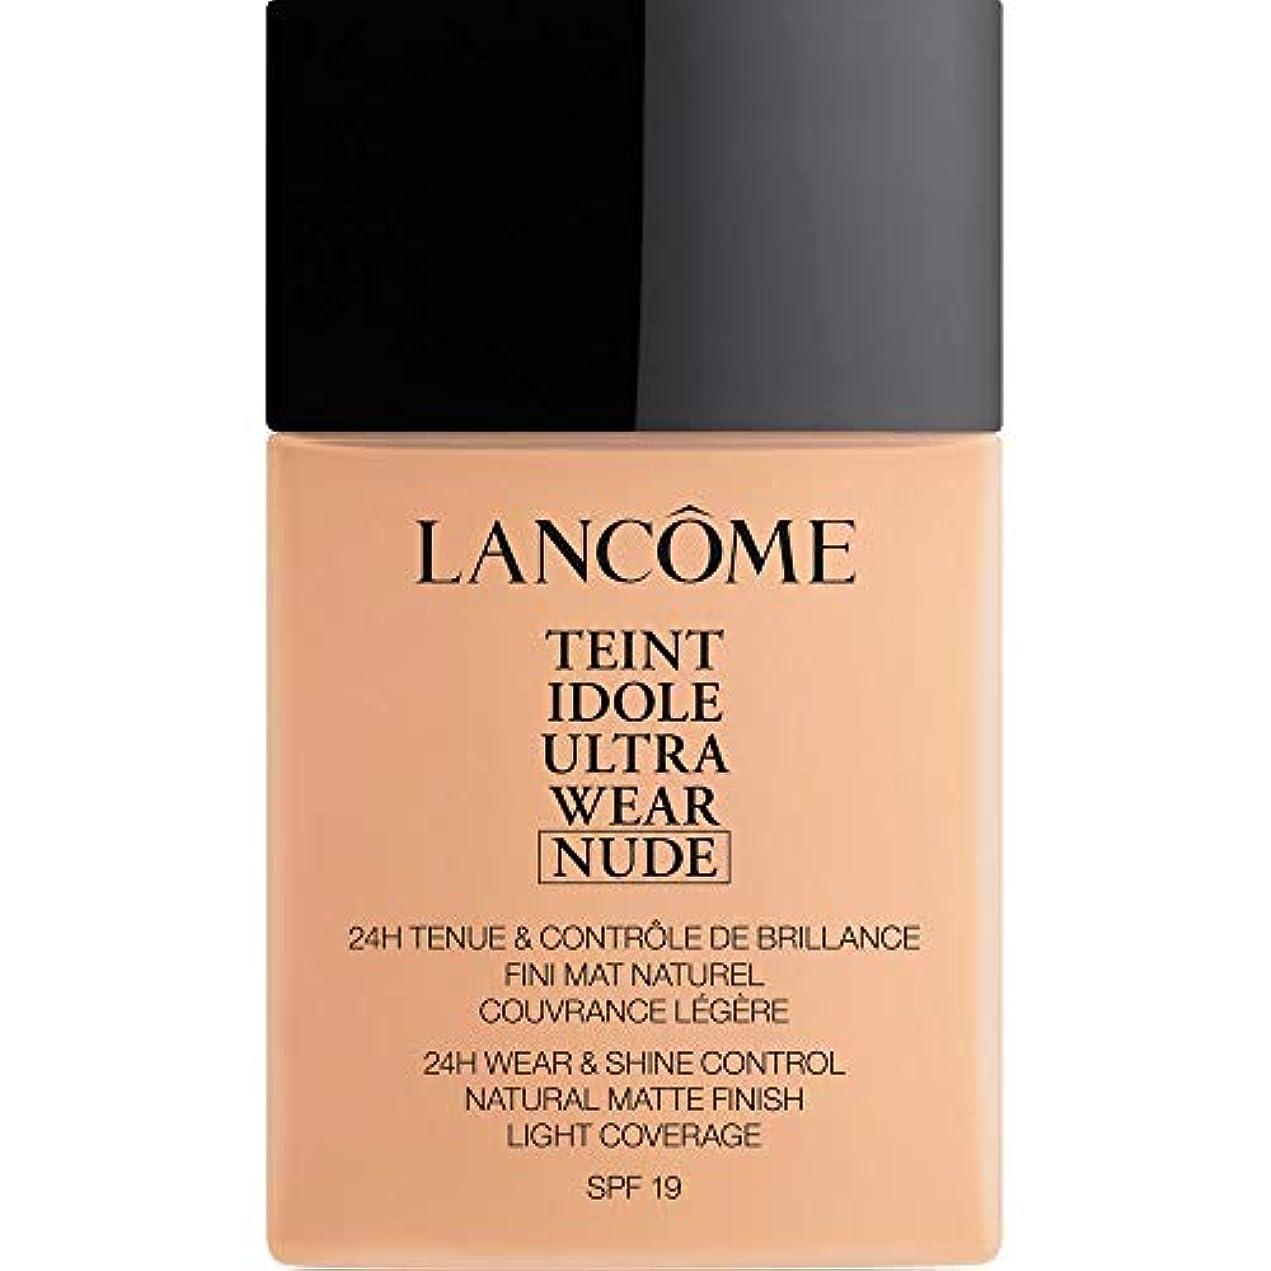 なかなかパキスタンギネス[Lanc?me ] ランコムTeintのIdole超摩耗ヌード財団Spf19の40ミリリットル023 - ベージュオロール - Lancome Teint Idole Ultra Wear Nude Foundation...